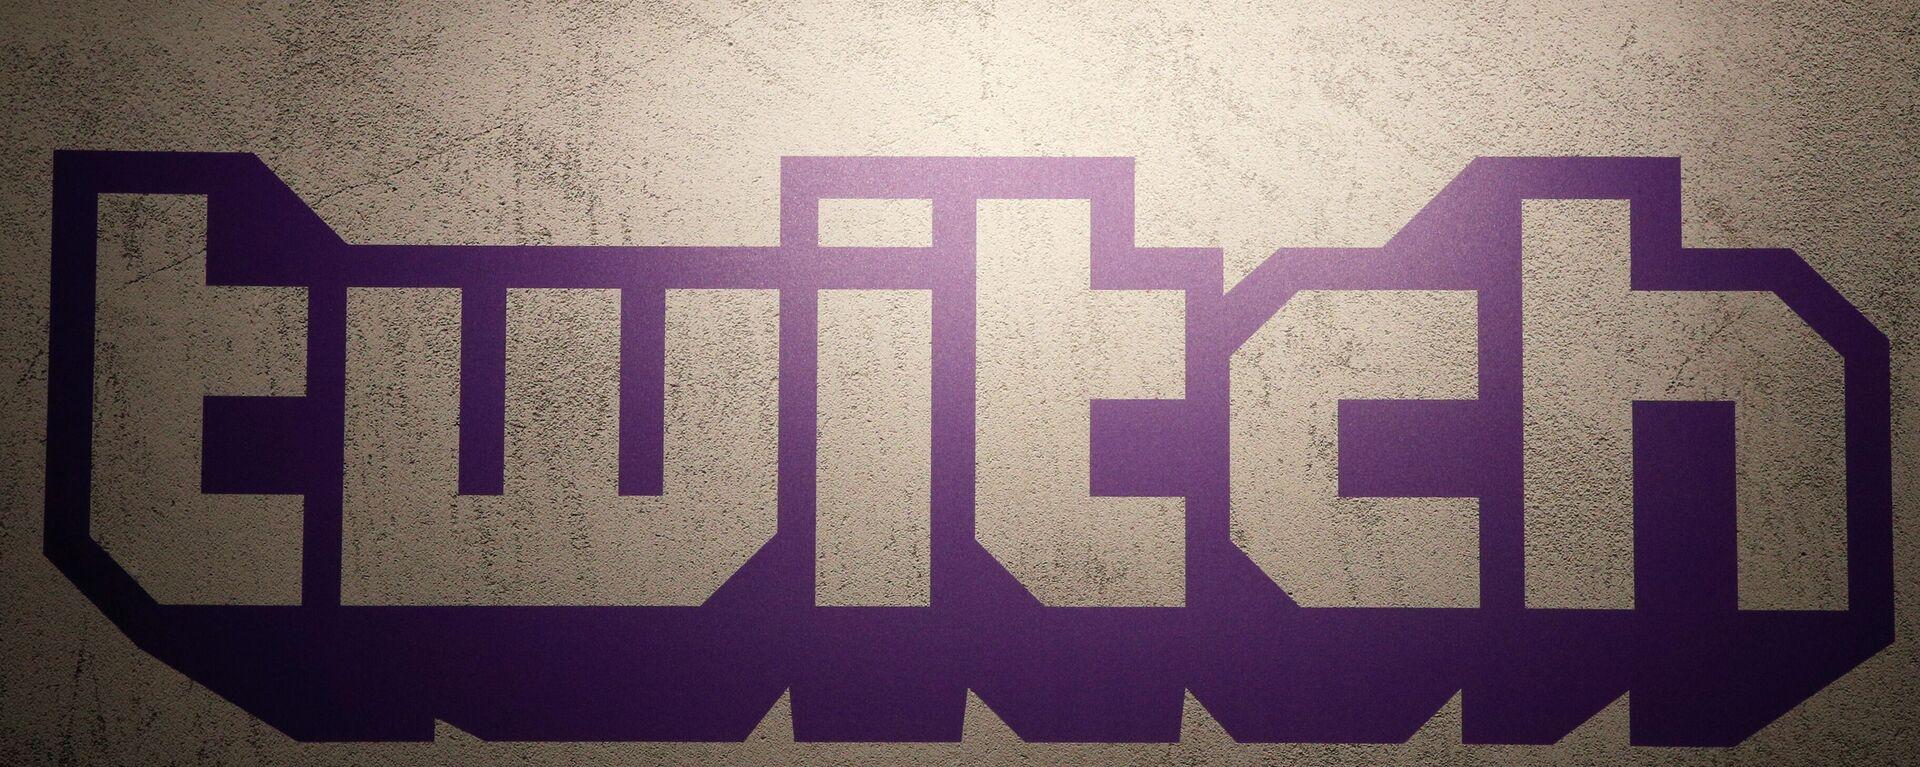 Twitch logo (Archivfoto) - SNA, 1920, 07.01.2021